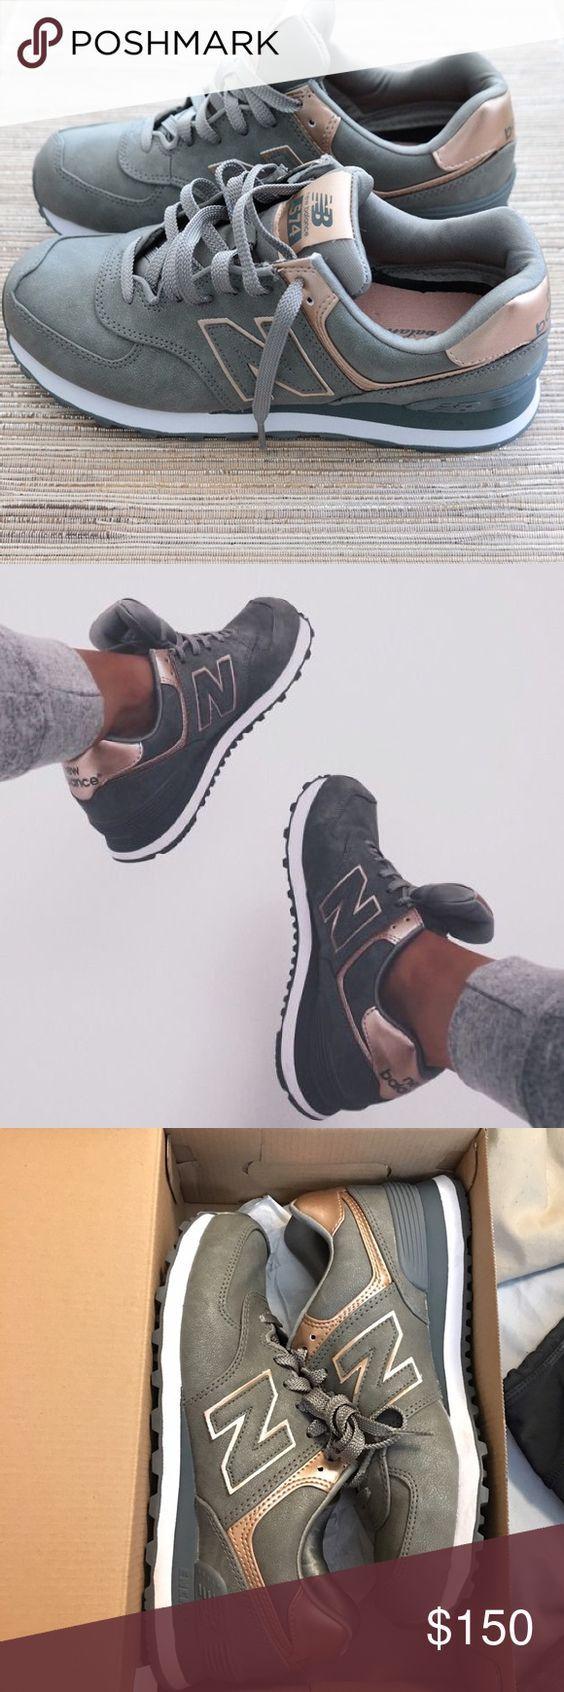 New balance Roségold und Silber Diese sind heutzutage sehr selten zu finden, besonders diese Farbgebung. Größe 7 1/2 sehr bequem, das eigentliche Paar, das ich im letzten Foto gezeigt habe ❤️ New Balance Shoes Sneakers: